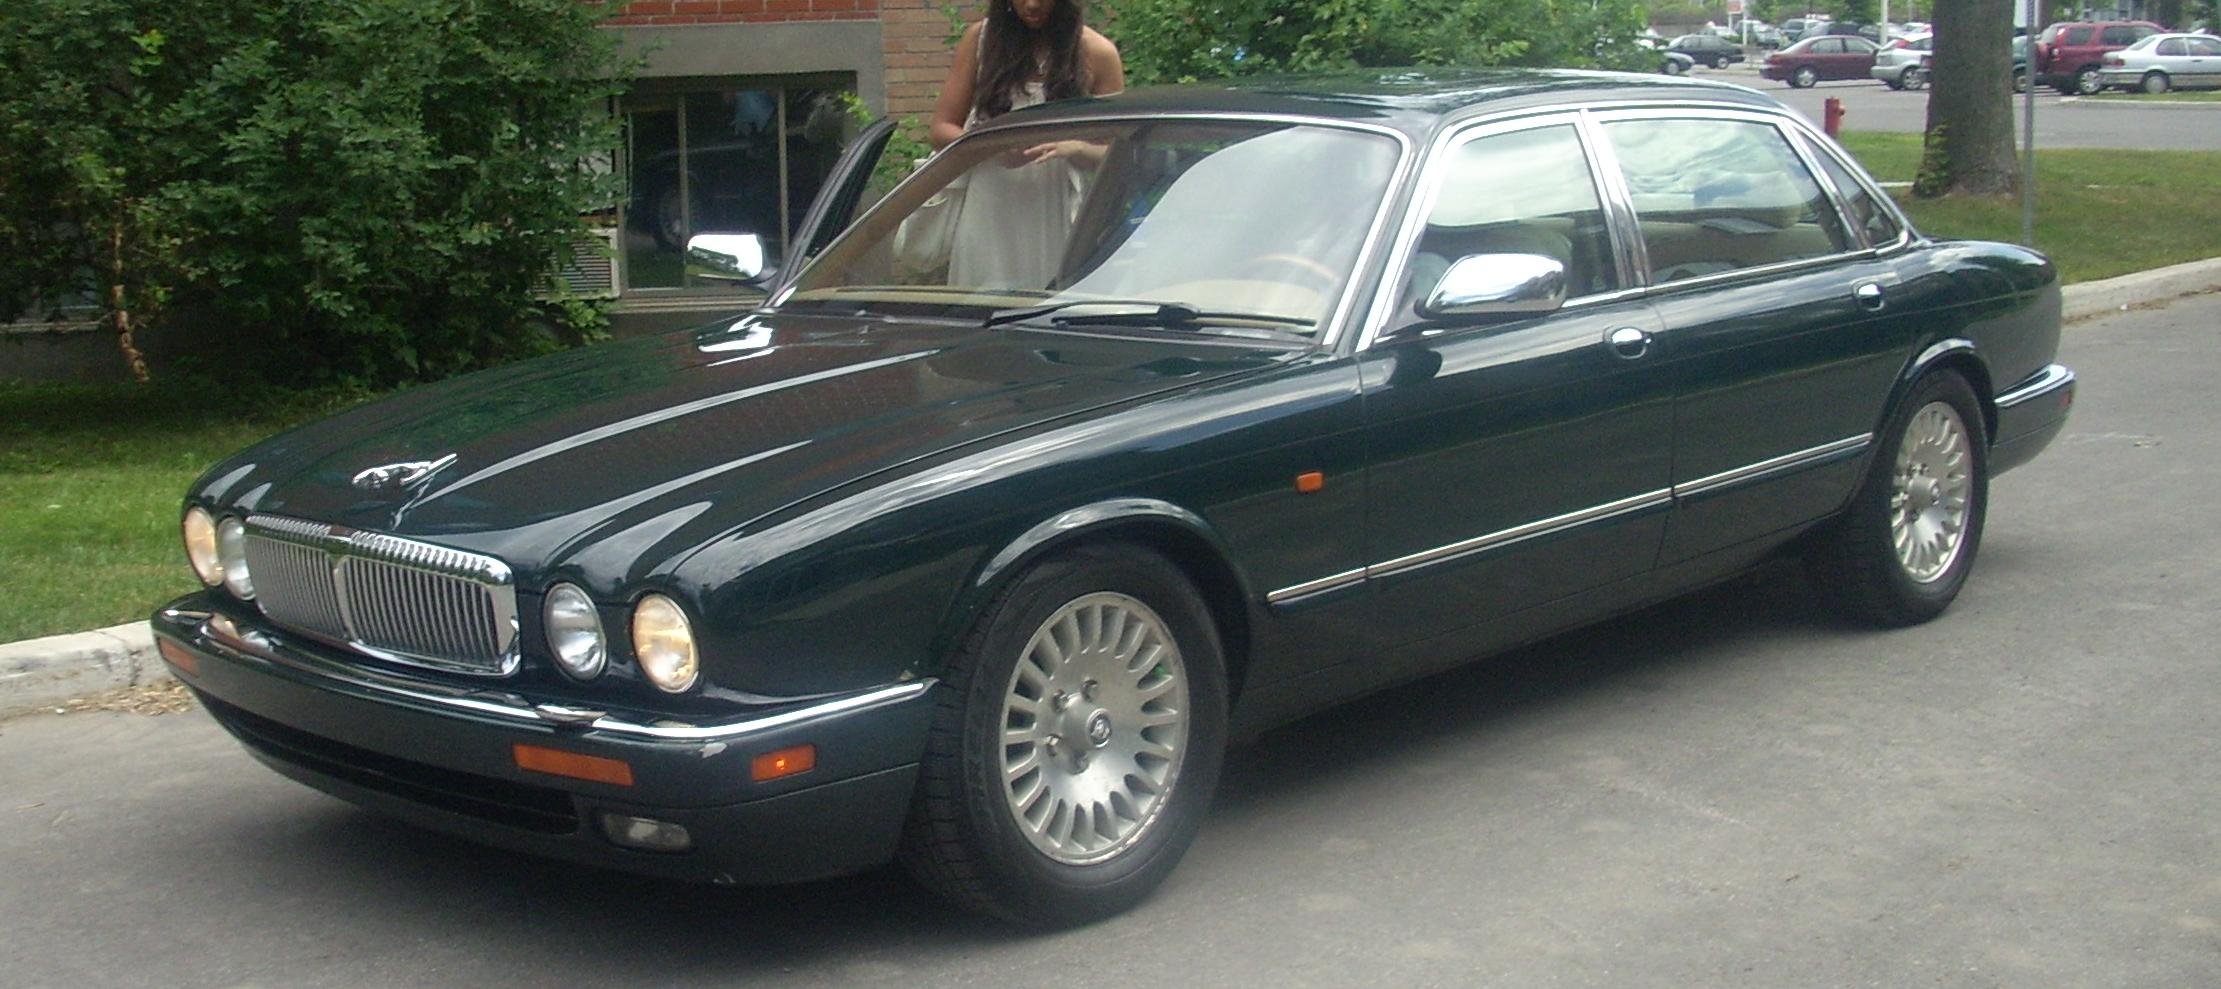 Jaguar Xj Used Car Review